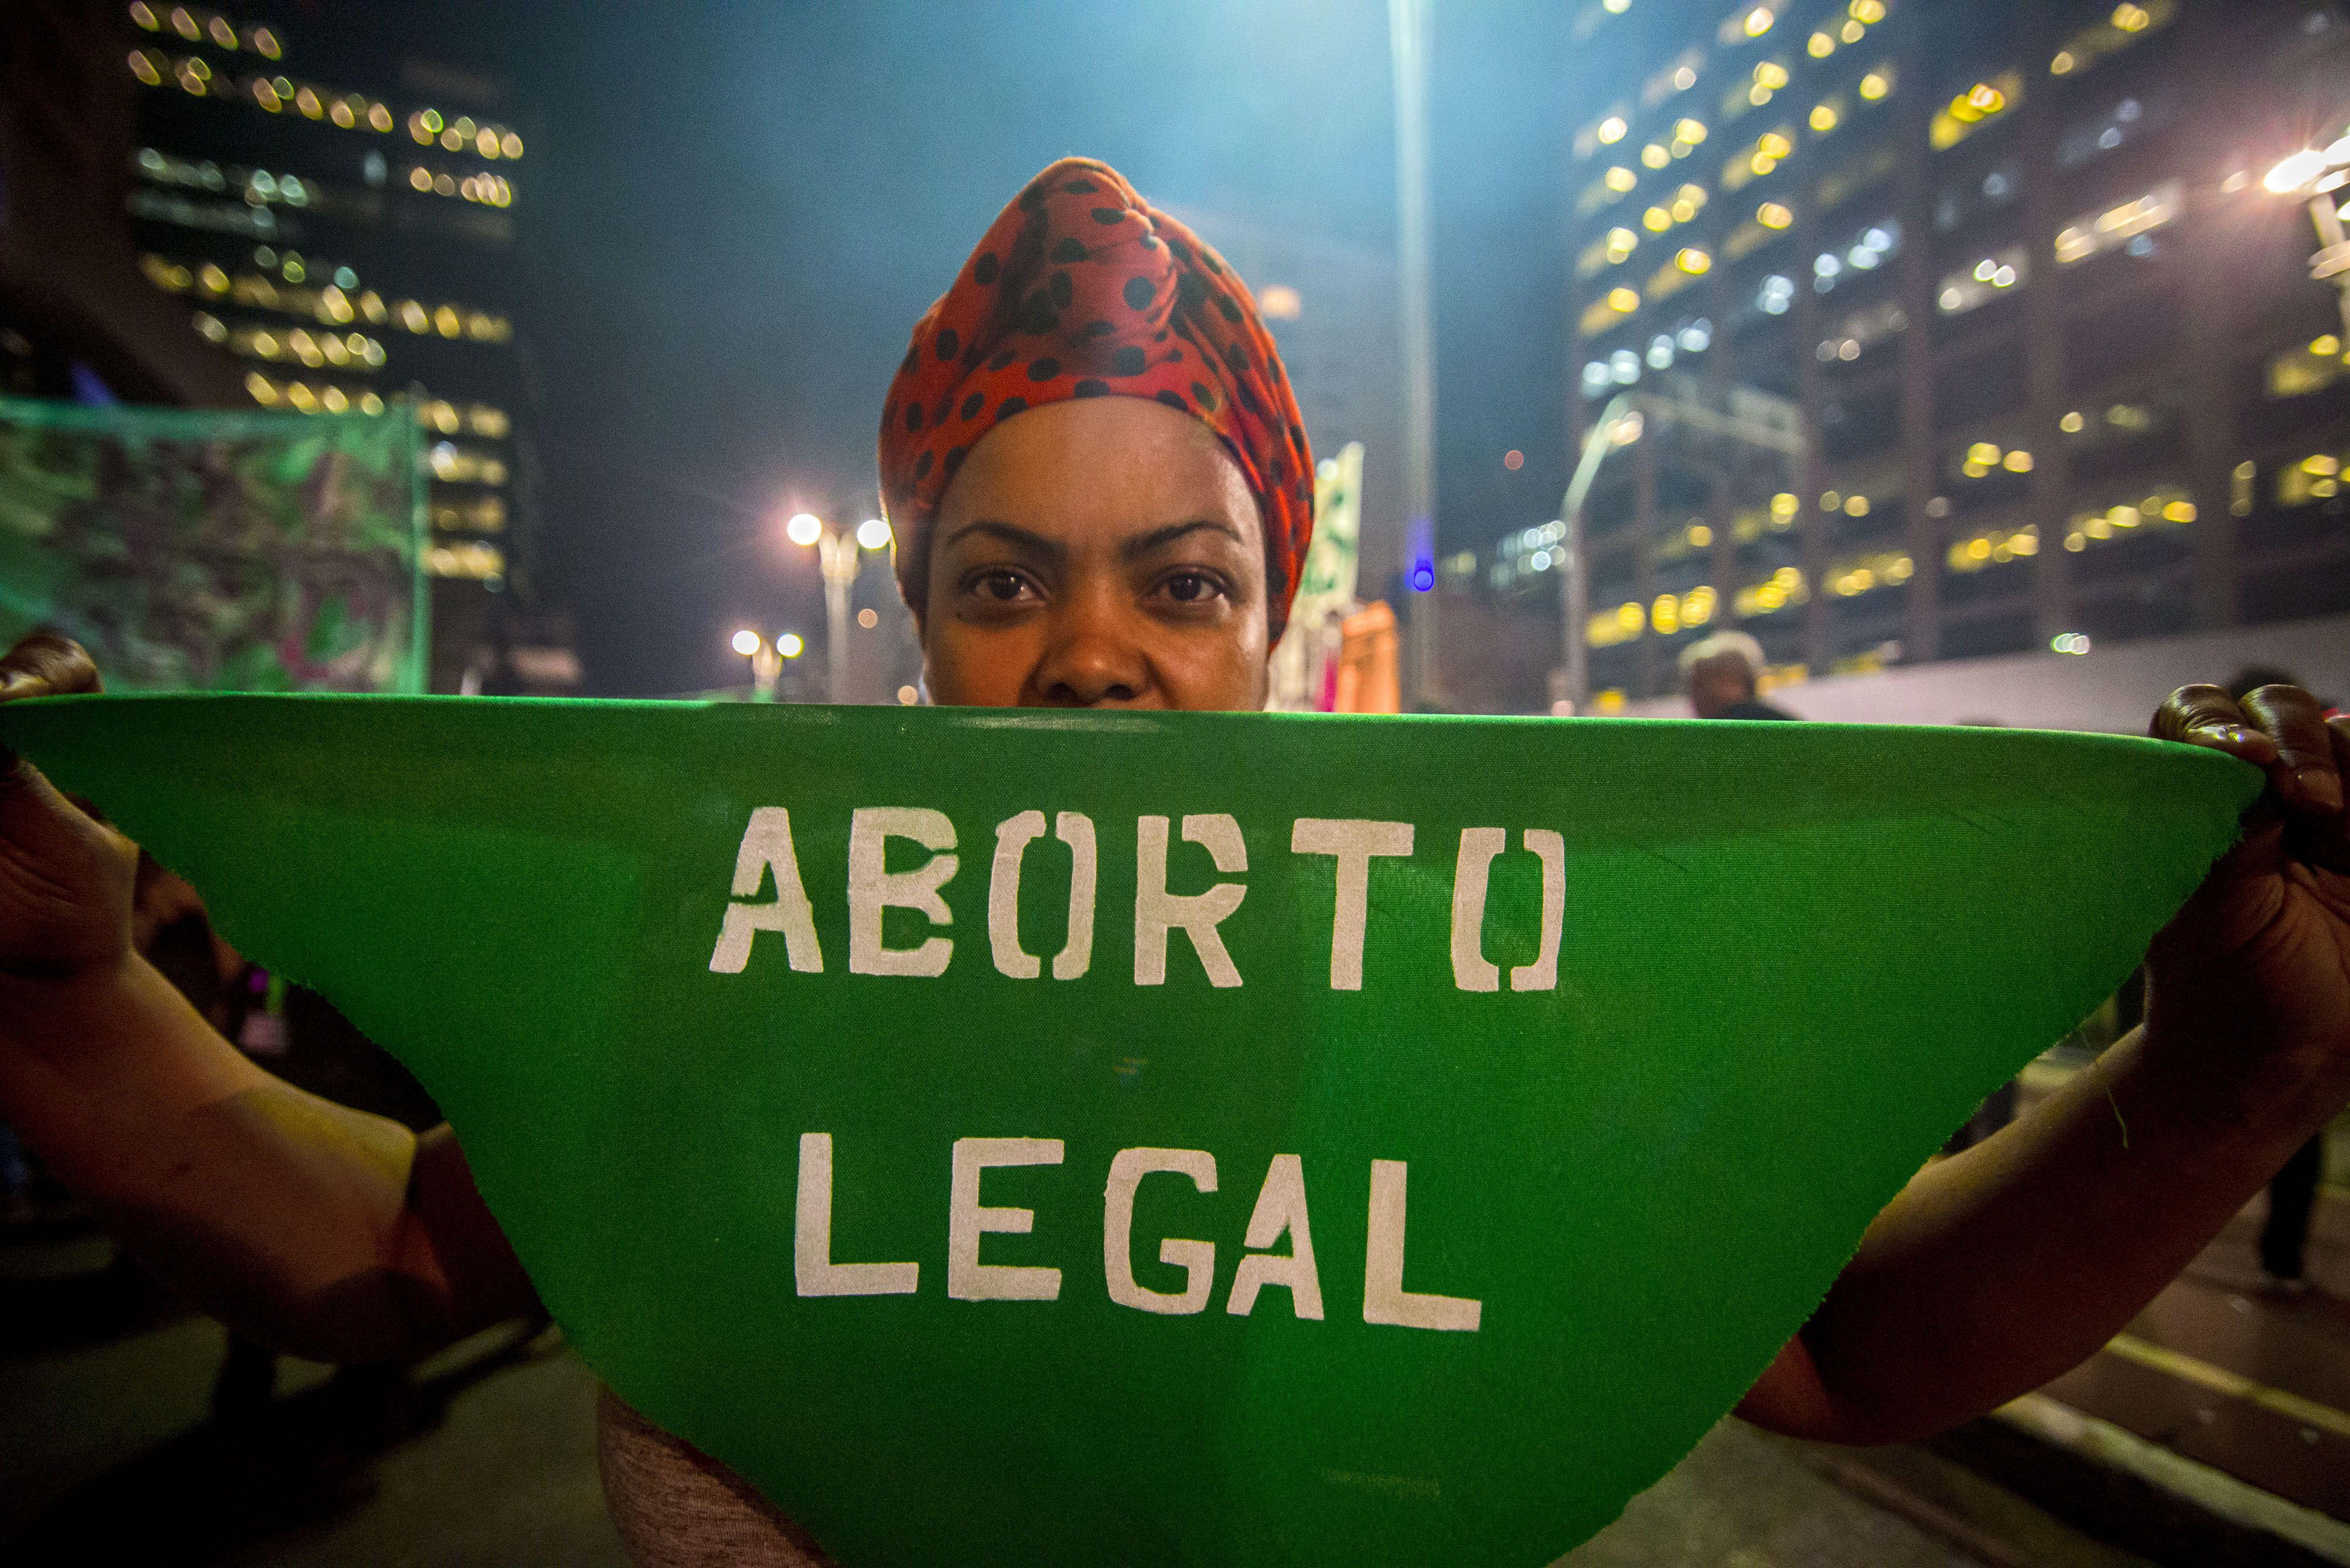 22/09/2020 Manifestación a favor del aborto en las calles de Sao Paulo en 2018. POLITICA SUDAMÉRICA BRASIL LATINOAMÉRICA INTERNACIONAL CRIS FAGA / ZUMA PRESS / CONTACTOPHOTO